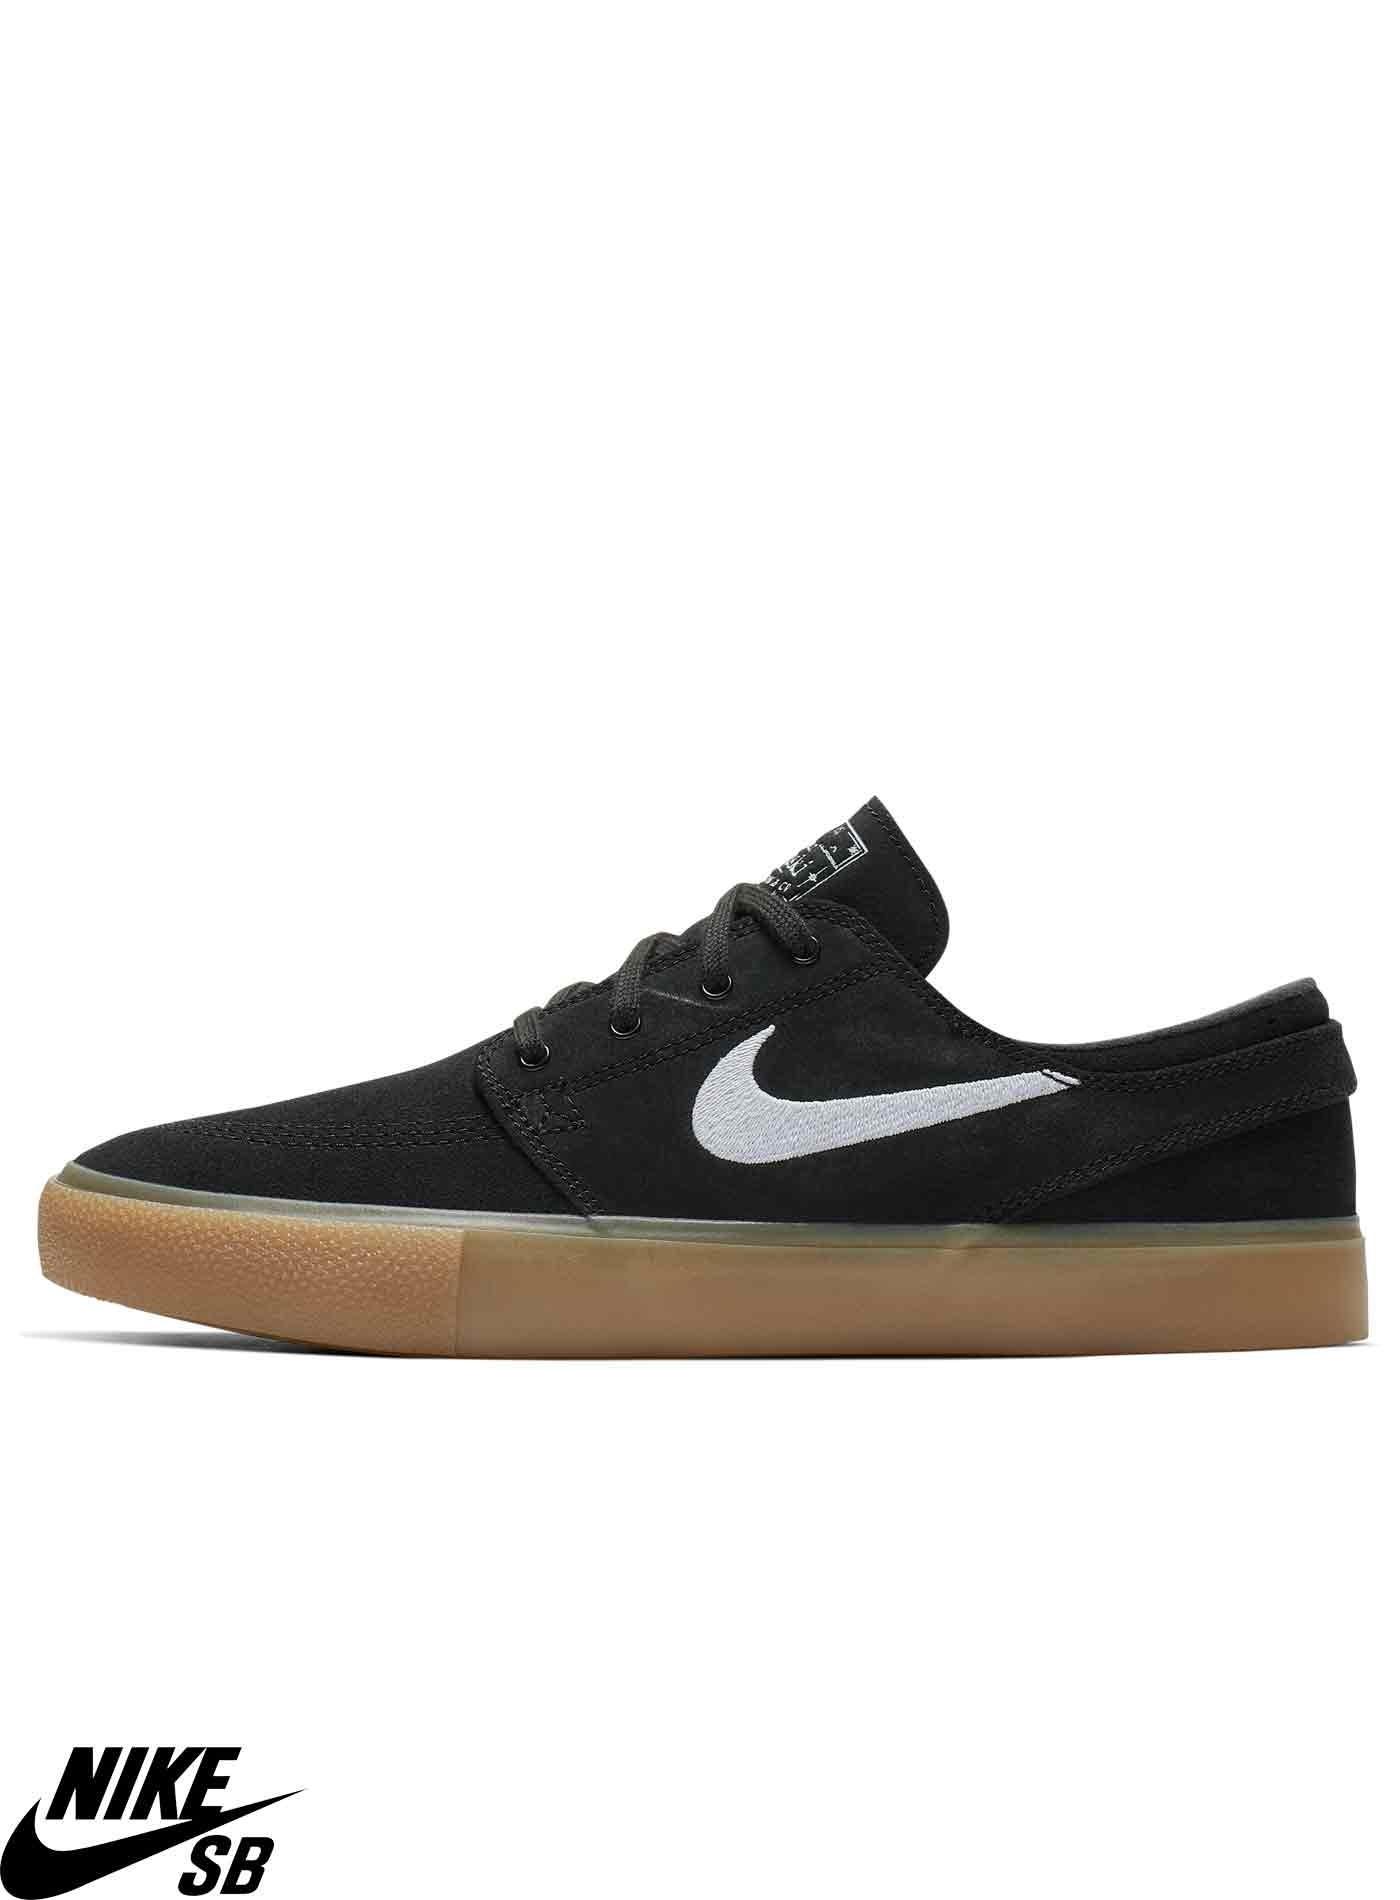 Zapatilla Skate Nike SB Zoom Stefan Janoski RM Black Gum